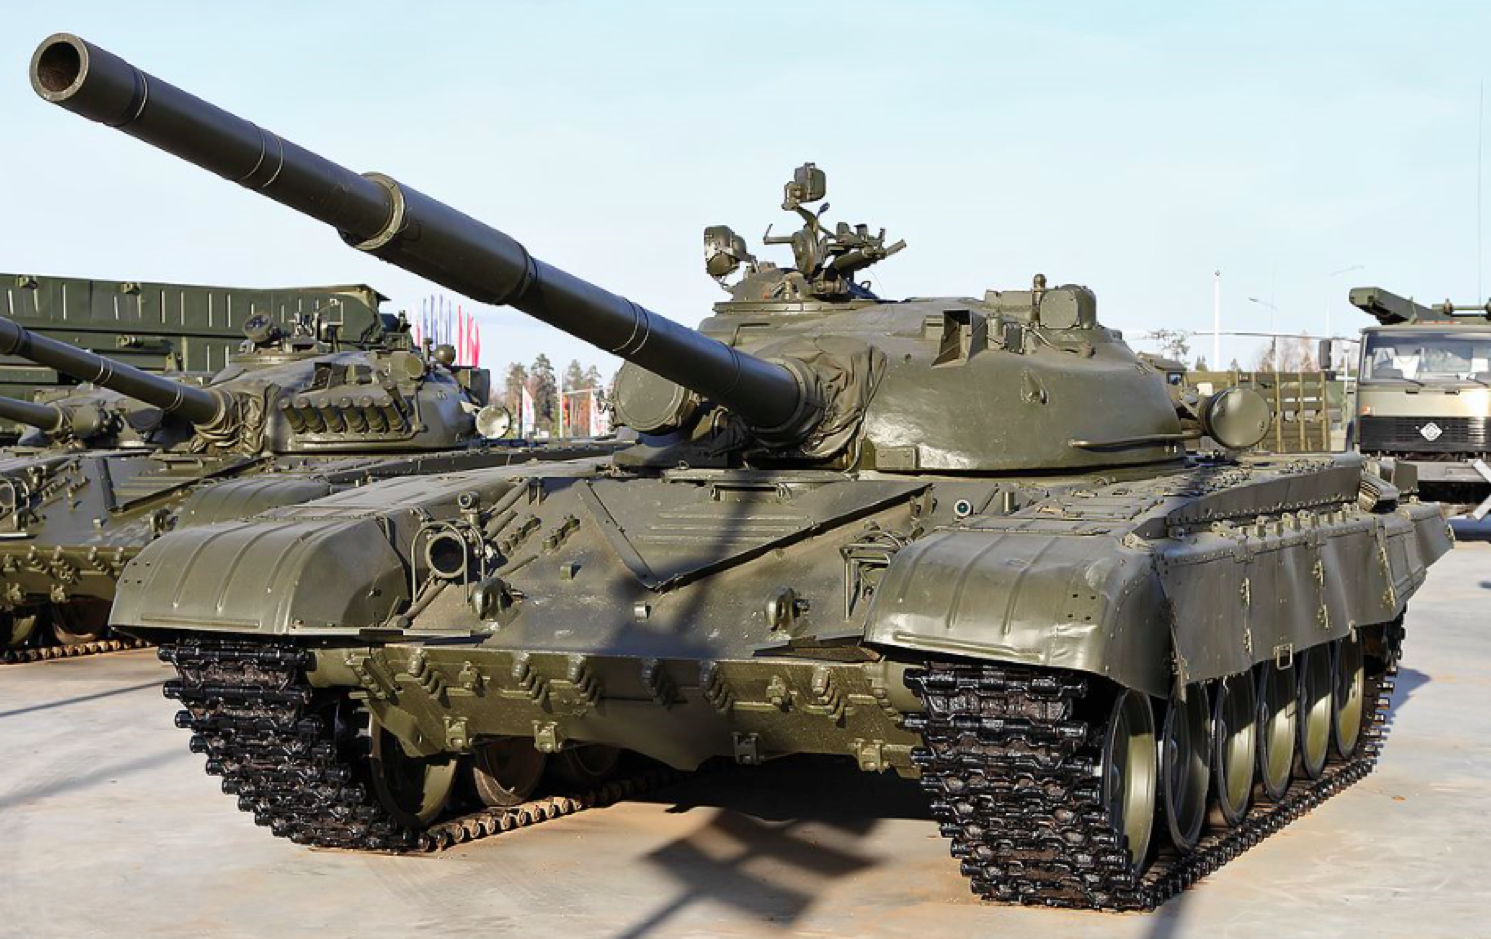 Броня крепка, и танки наши быстры - 1